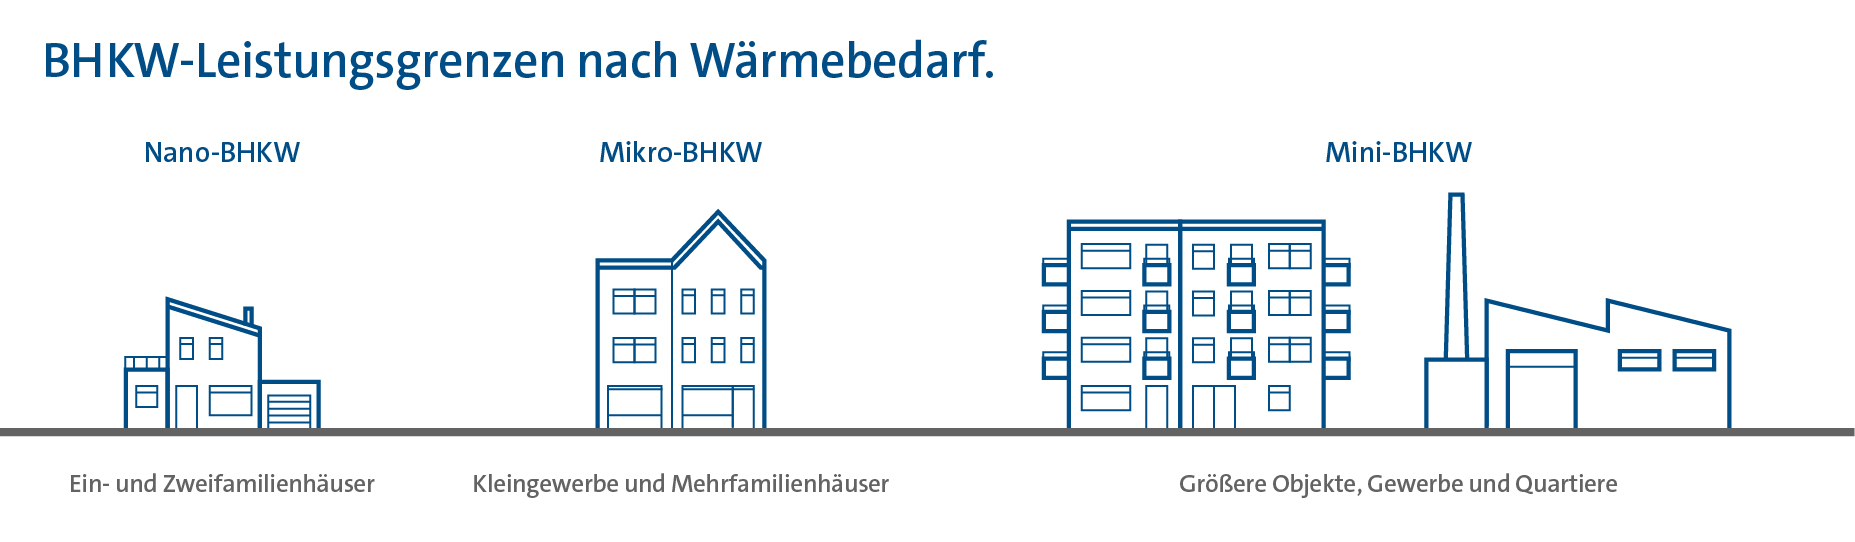 Grafische Darstellung der Leistungsgrenzen und Einsatzgebiete für verschiedene BHKW-Typen.